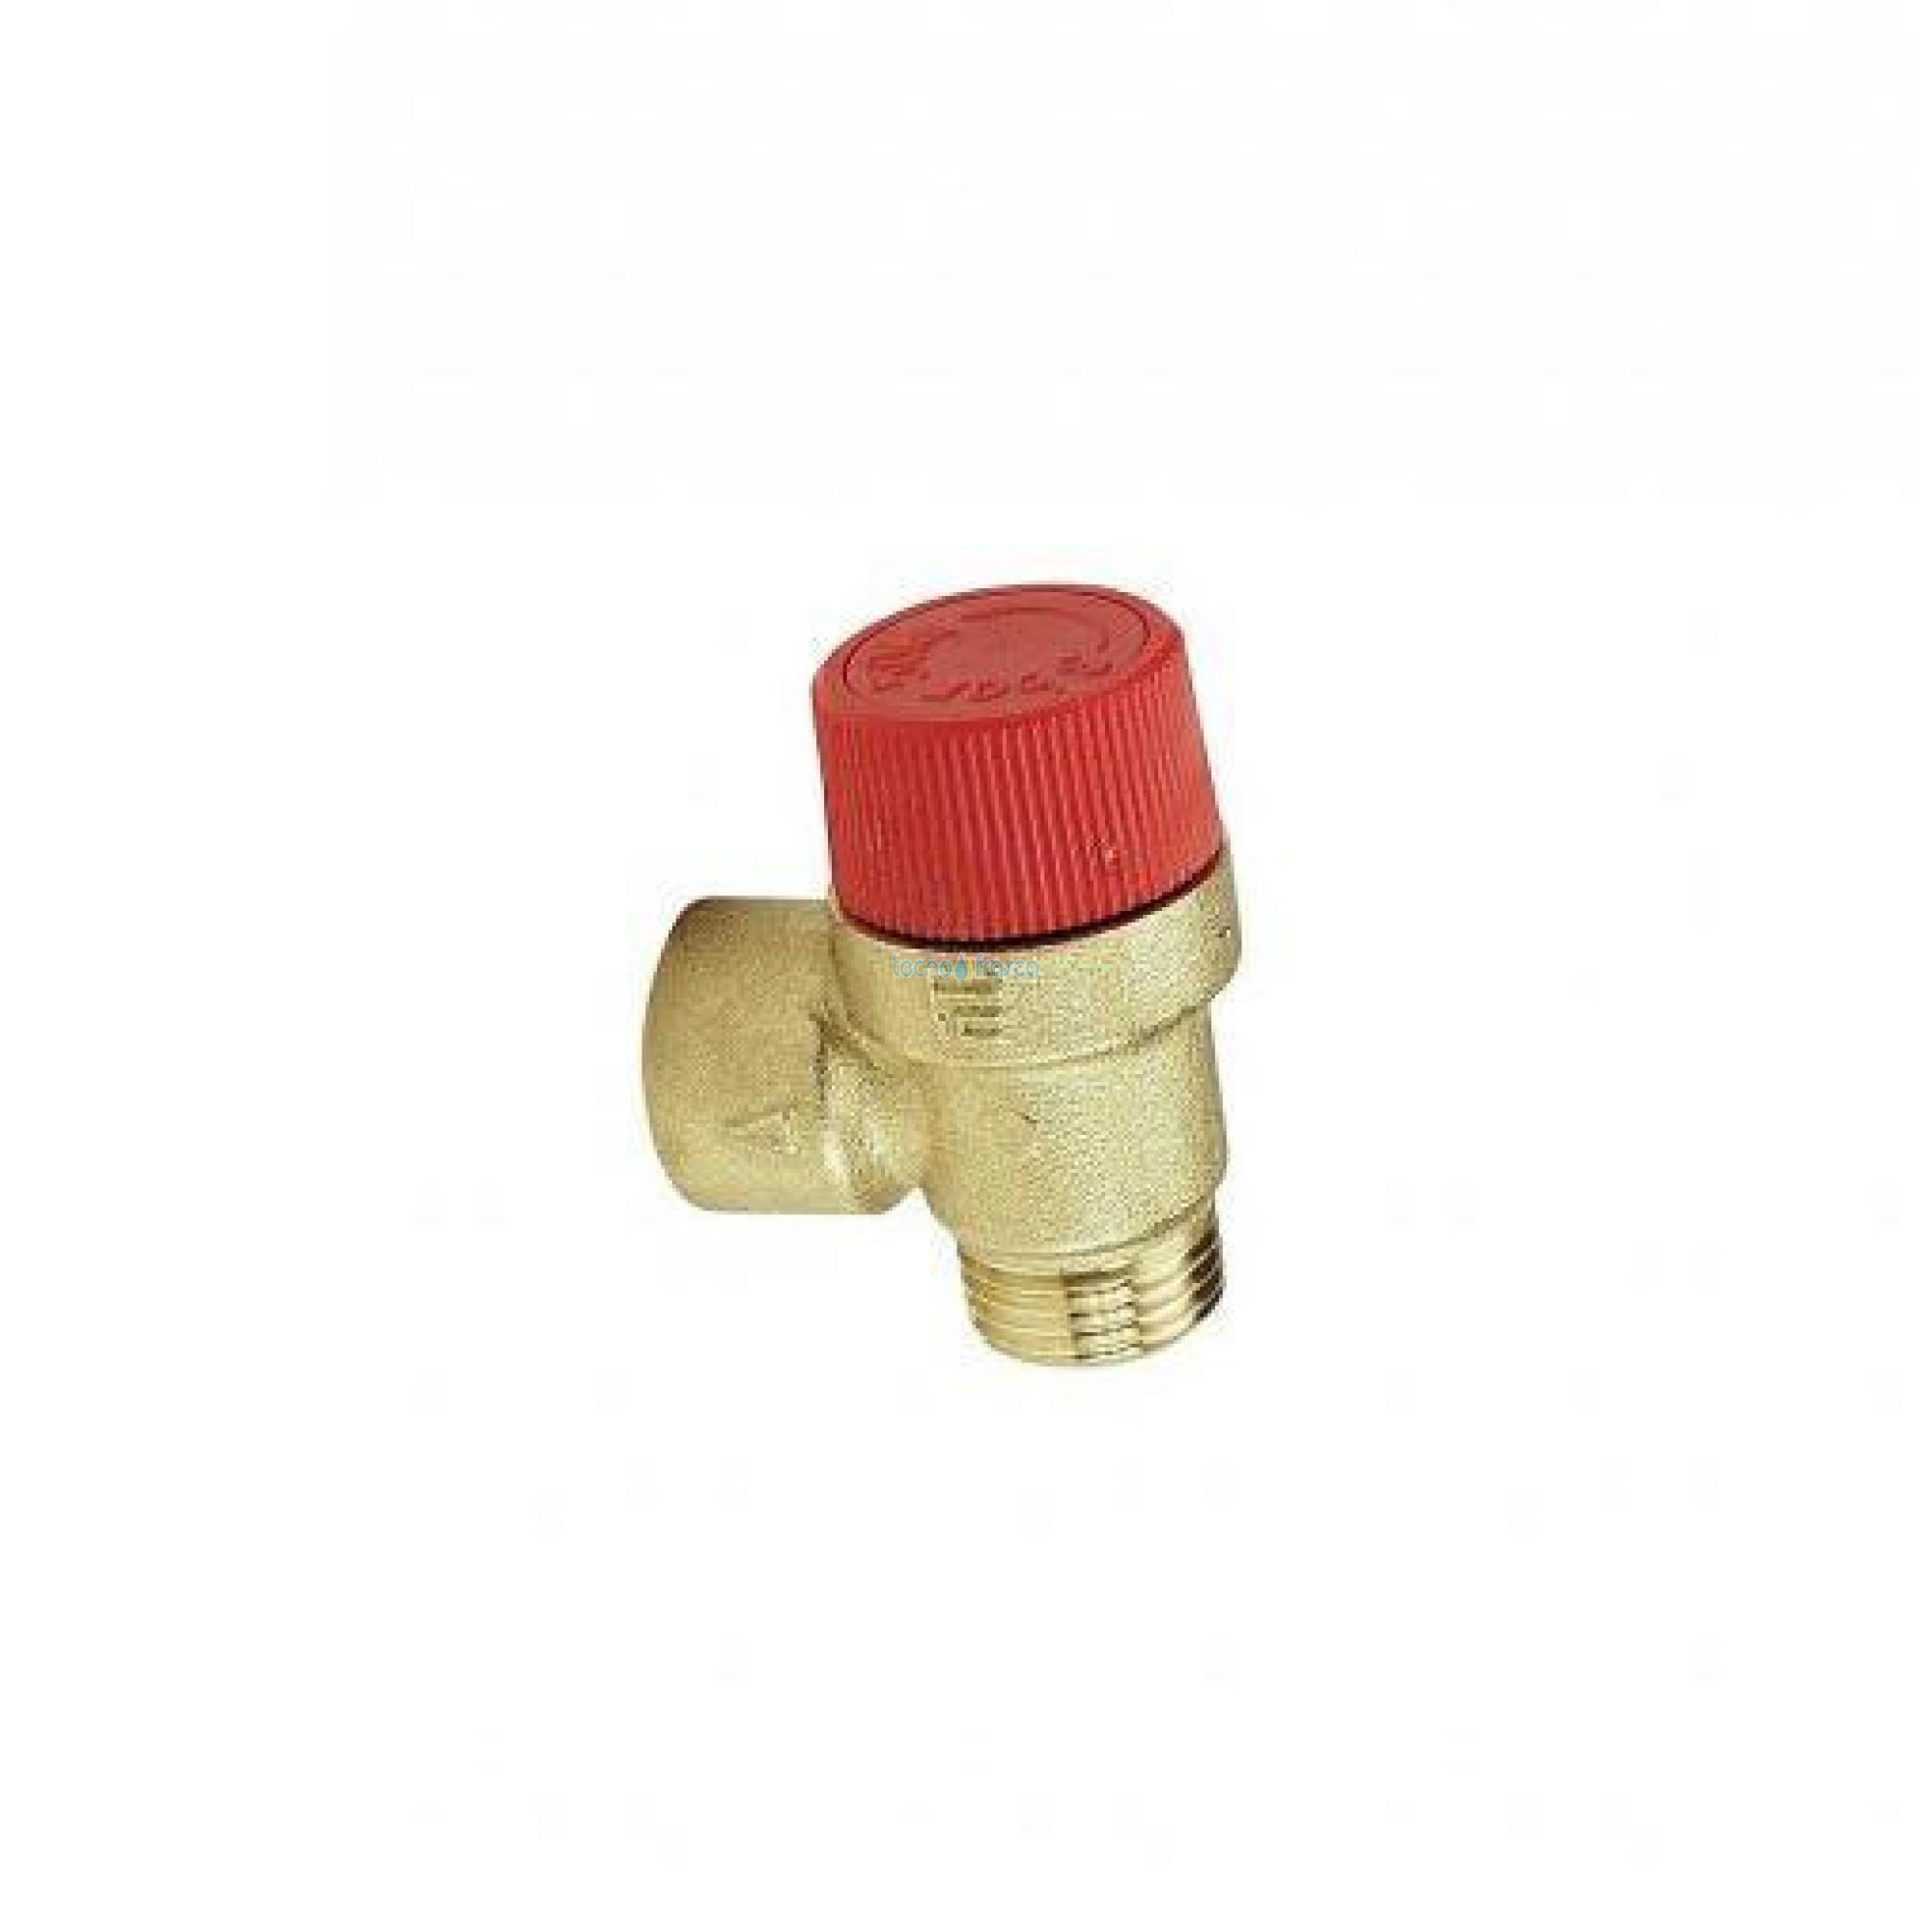 Ferroli valvola di sicurezza 1/2 m/f 3bar 39800130